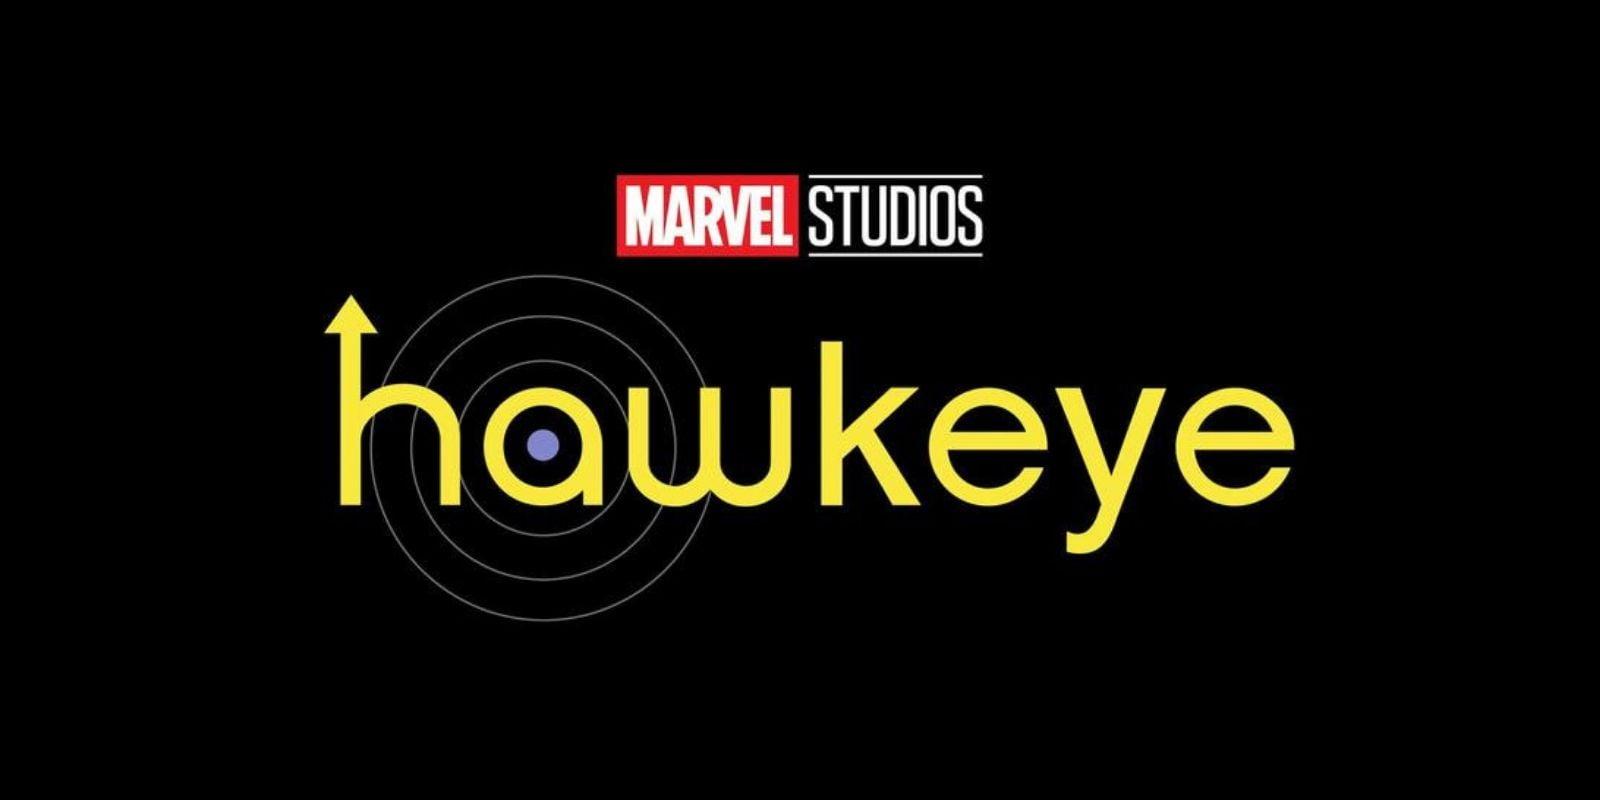 """""""Hawkeye"""" Disney+ show logo"""